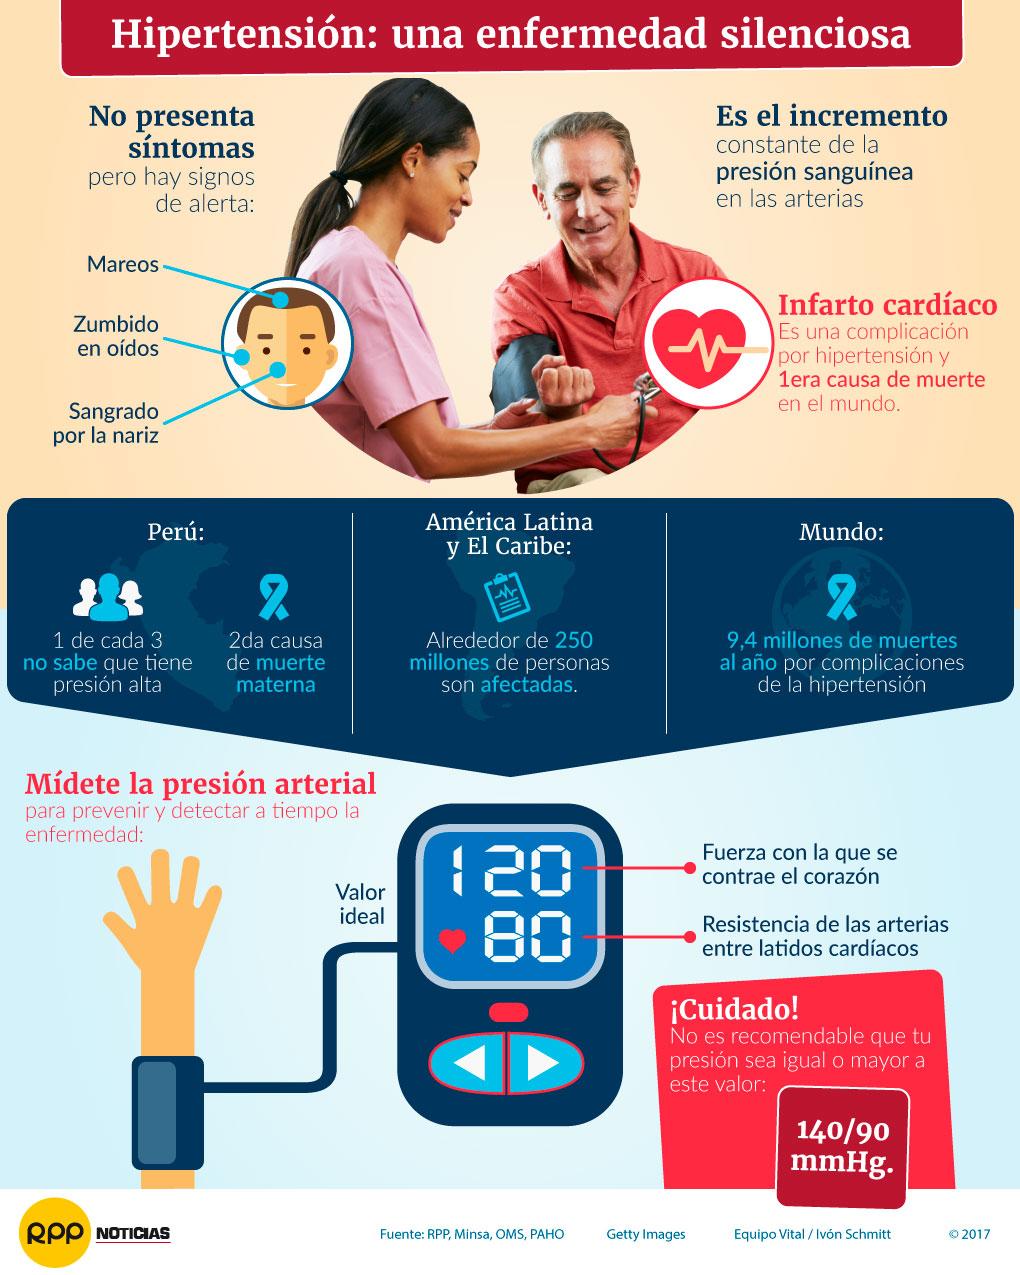 842ffb2e7562d La hipertensión arterial no presenta síntomas pero hay signos de alerta como  mareos